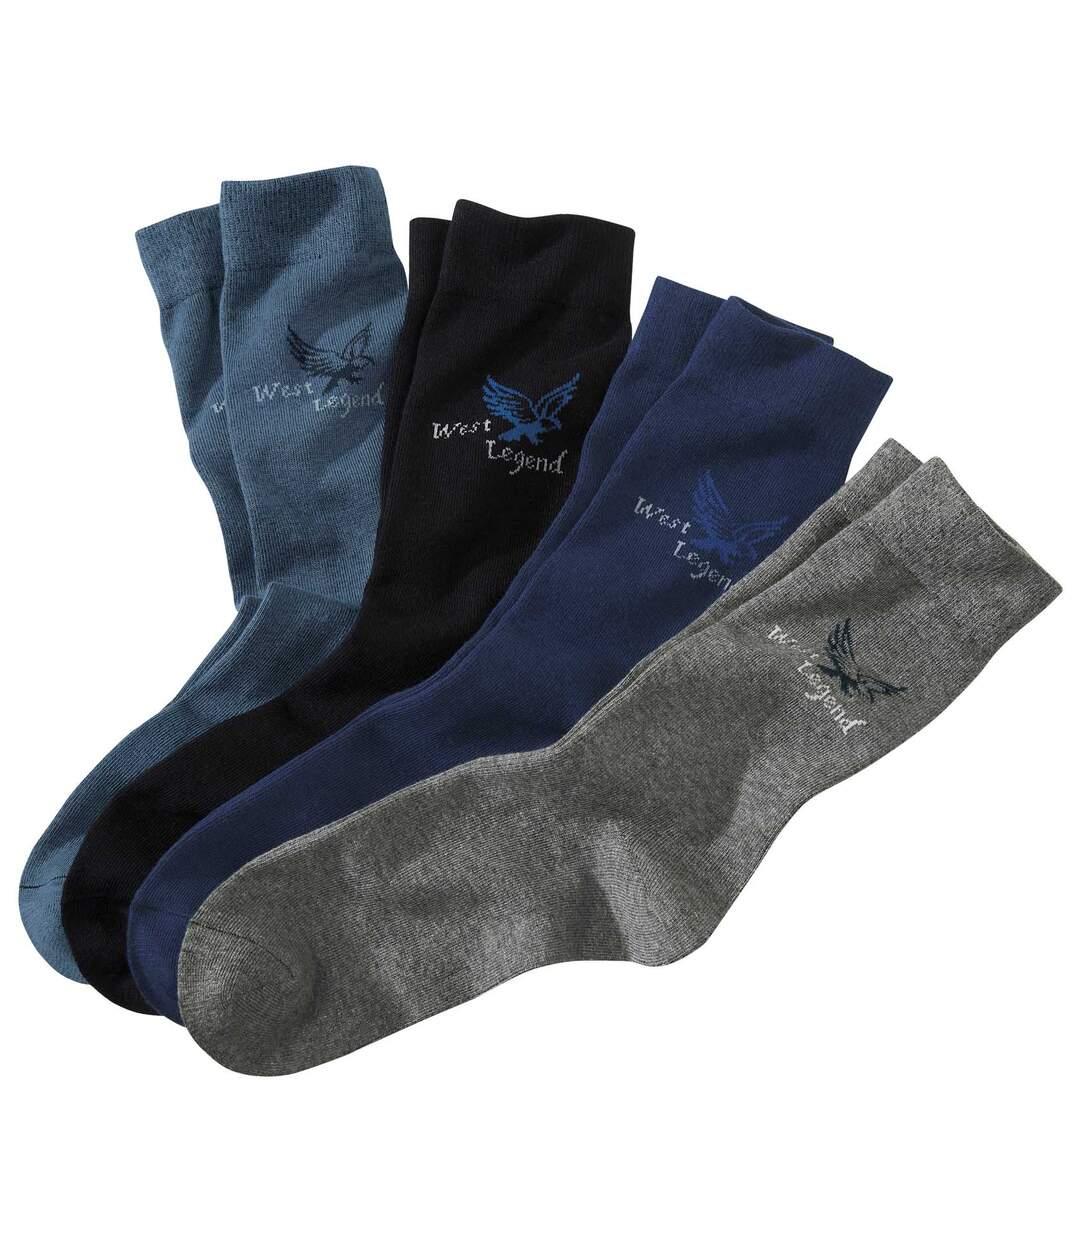 Pack of 4 Pairs of Men's Socks - Navy Blue Gray Black Atlas For Men